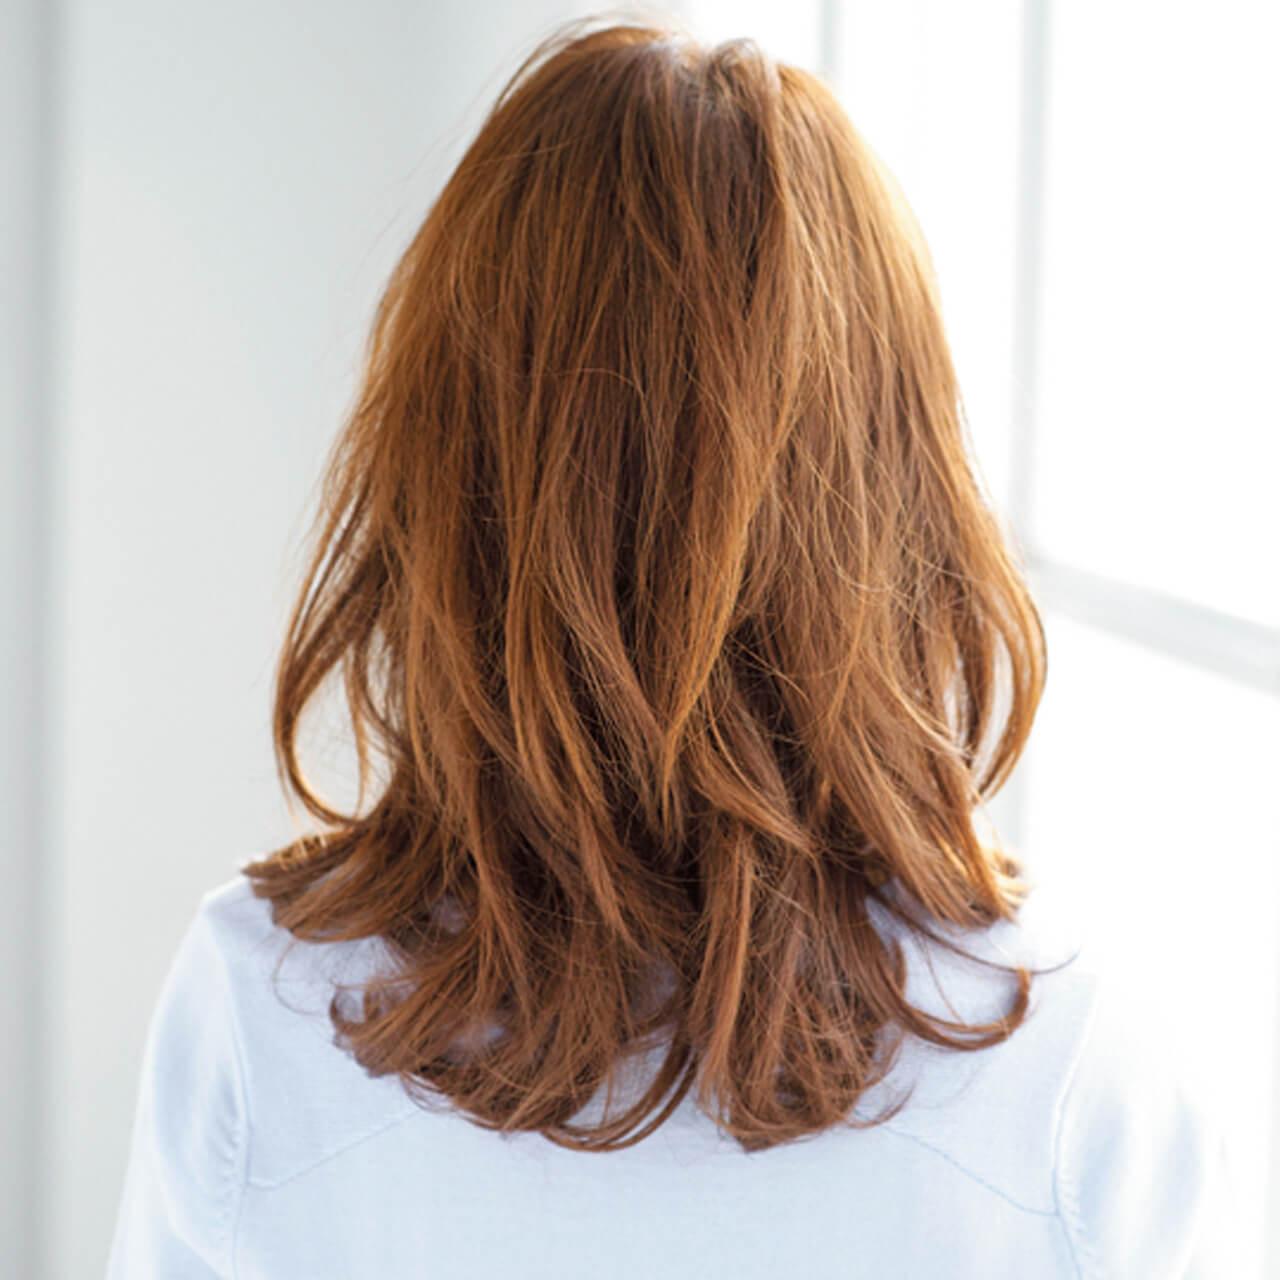 目力強調バングで、40代の可愛らしさを引き出すミディアムヘア【40代のミディアムヘア】_1_4